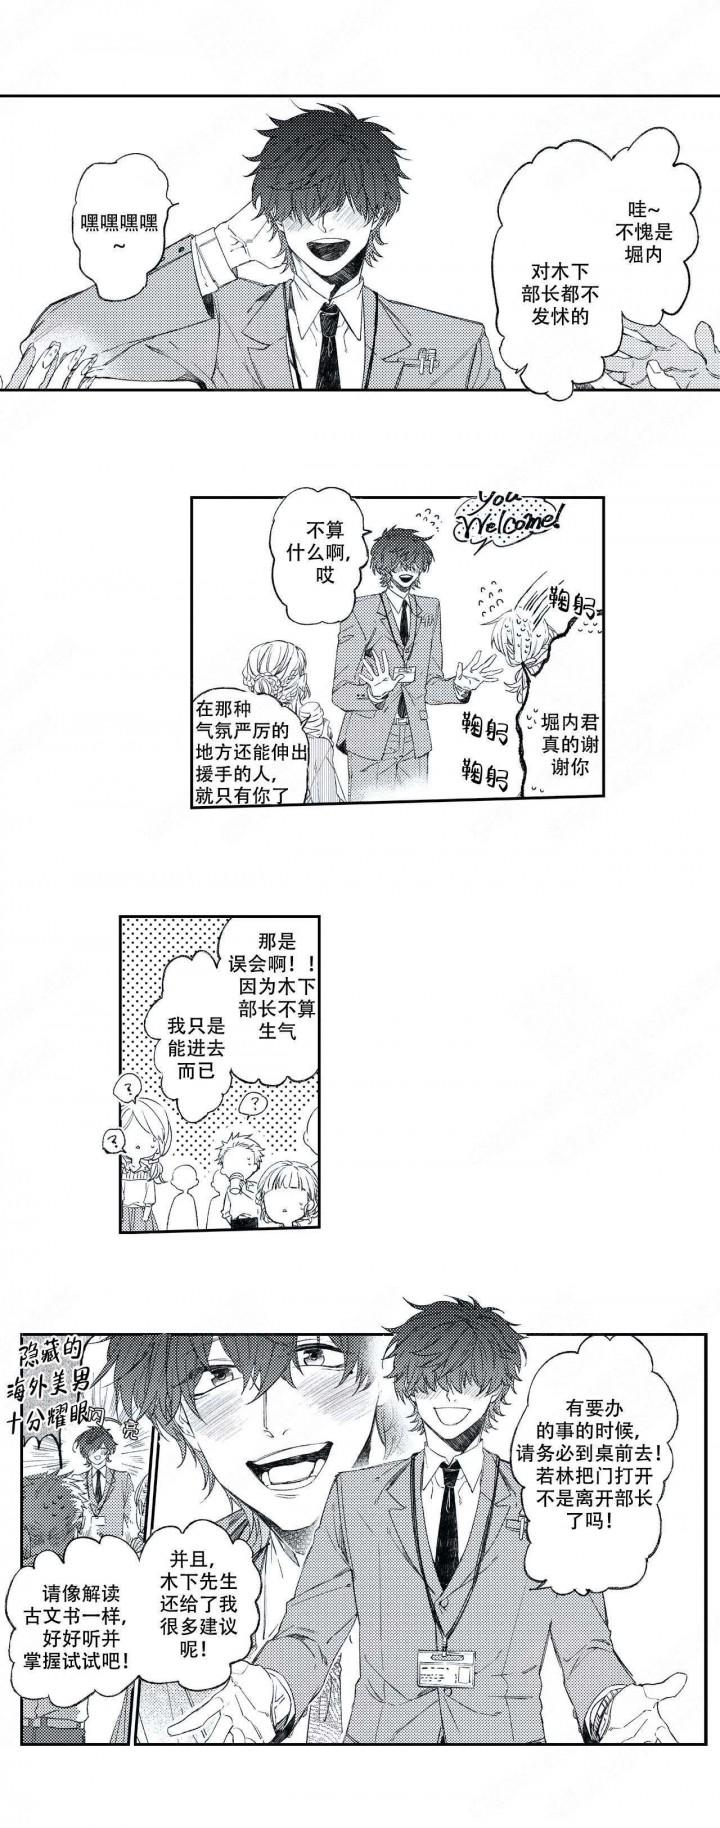 恋爱讨论中-漫画免费完整版汉化_全集在线阅读-啵乐漫画